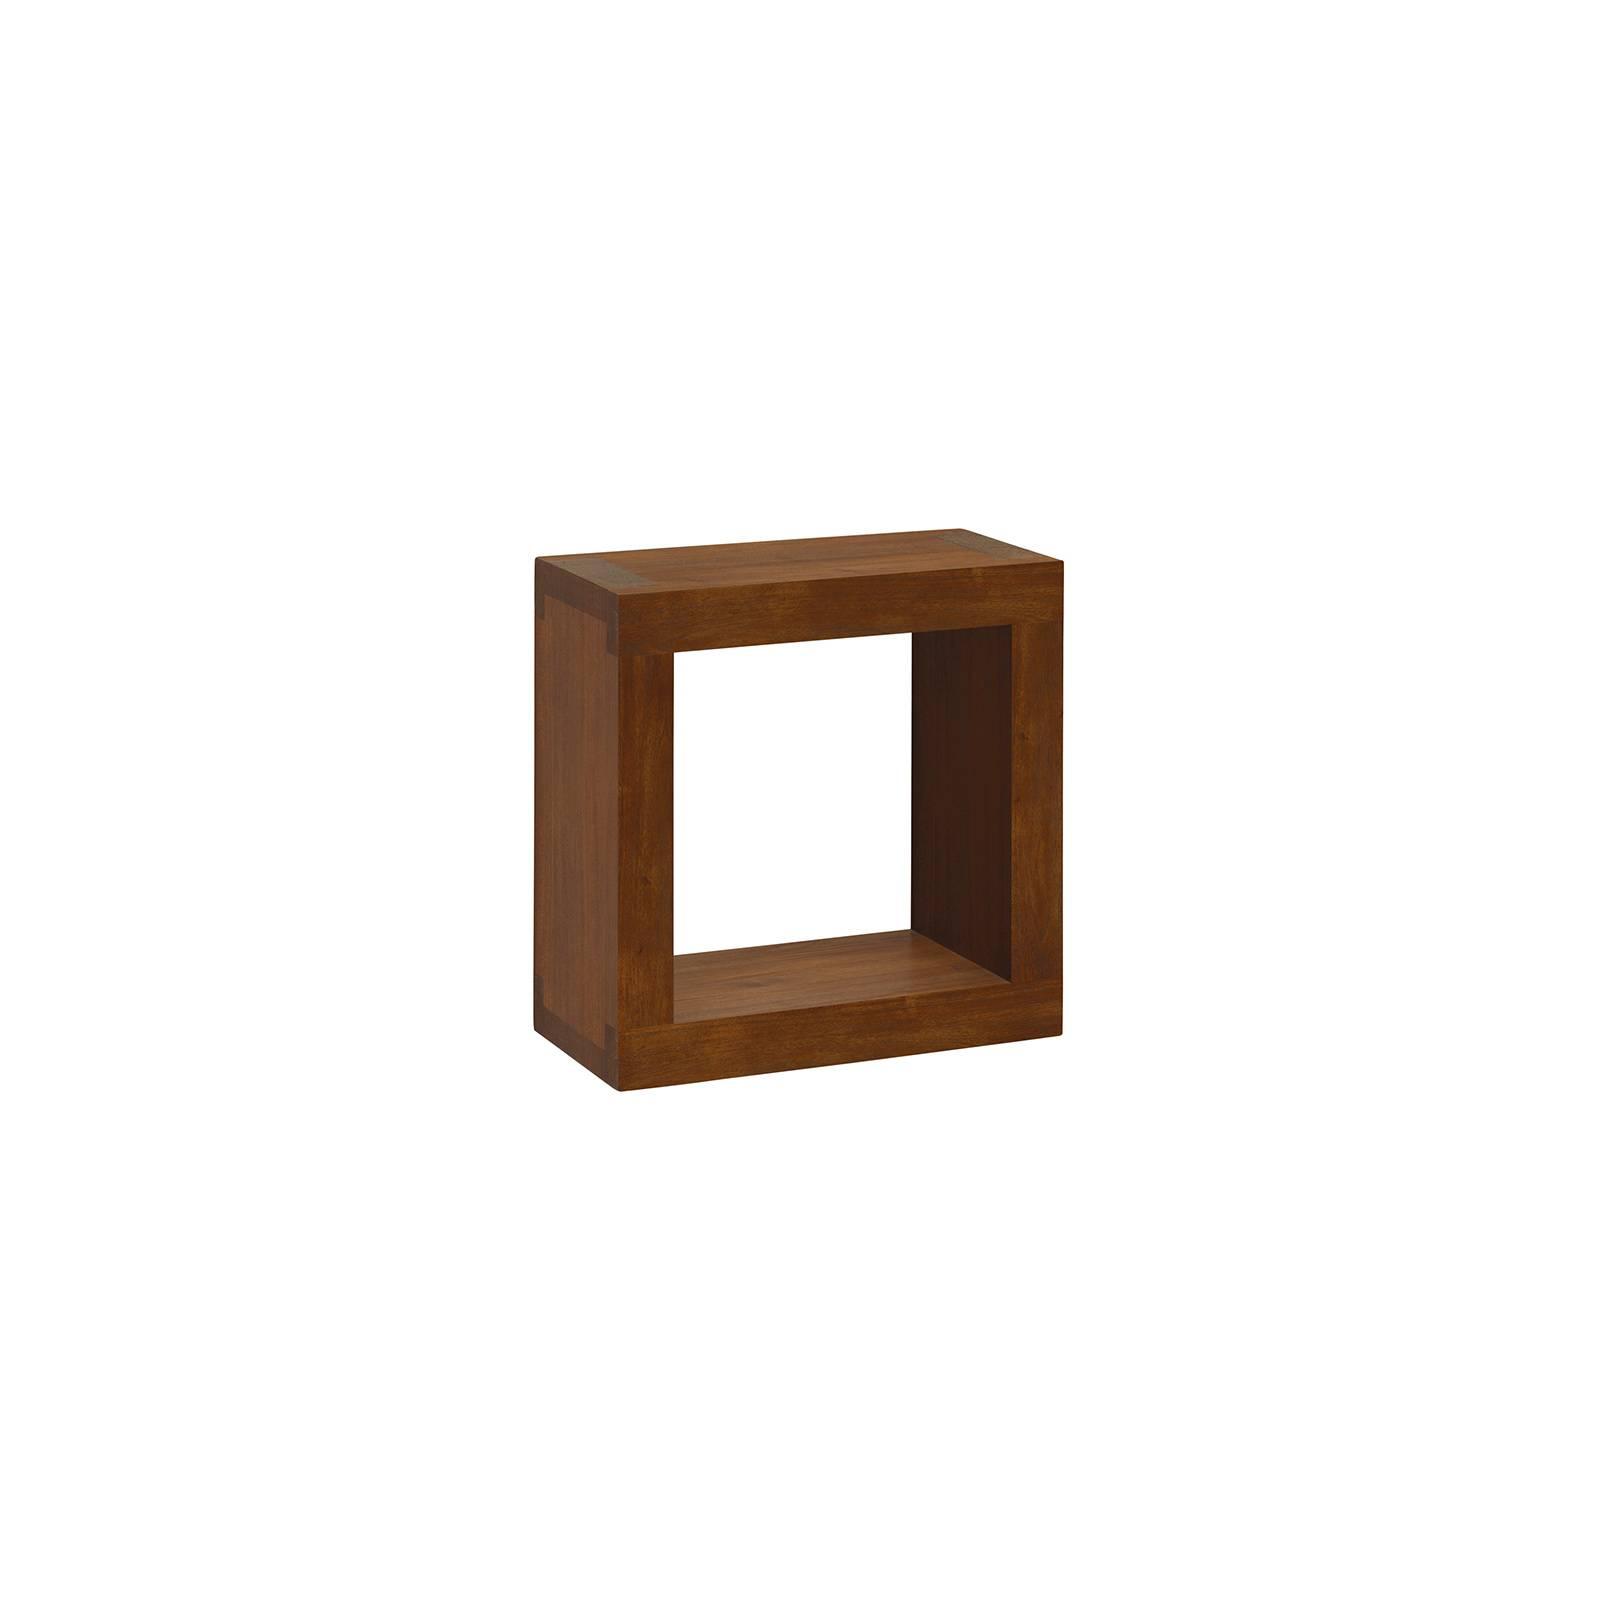 Étagère Murale Cubique Tali Mindy - meuble bois exotique